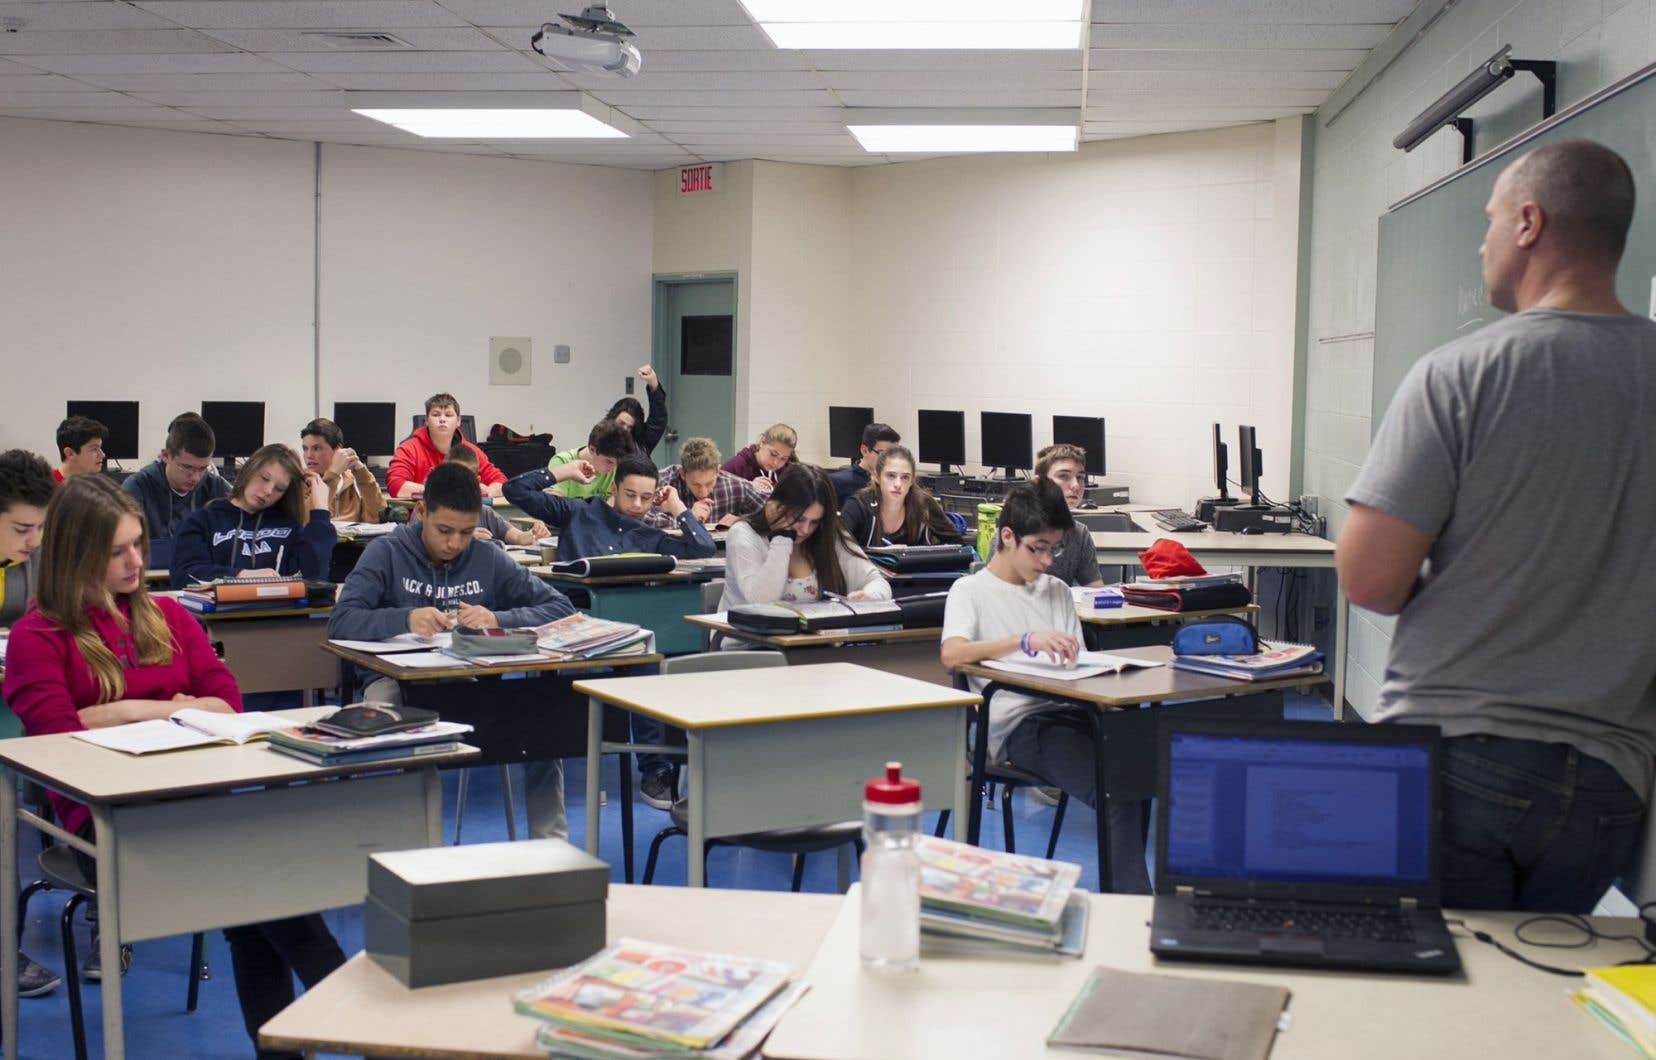 En septembre 2016, les écoles ne seront pas dans l'obligation d'adopter le nouveau programme d'histoire de 3e secondaire. Elles pourront choisir de le faire ou de conserver l'ancien programme (celui de 2006).